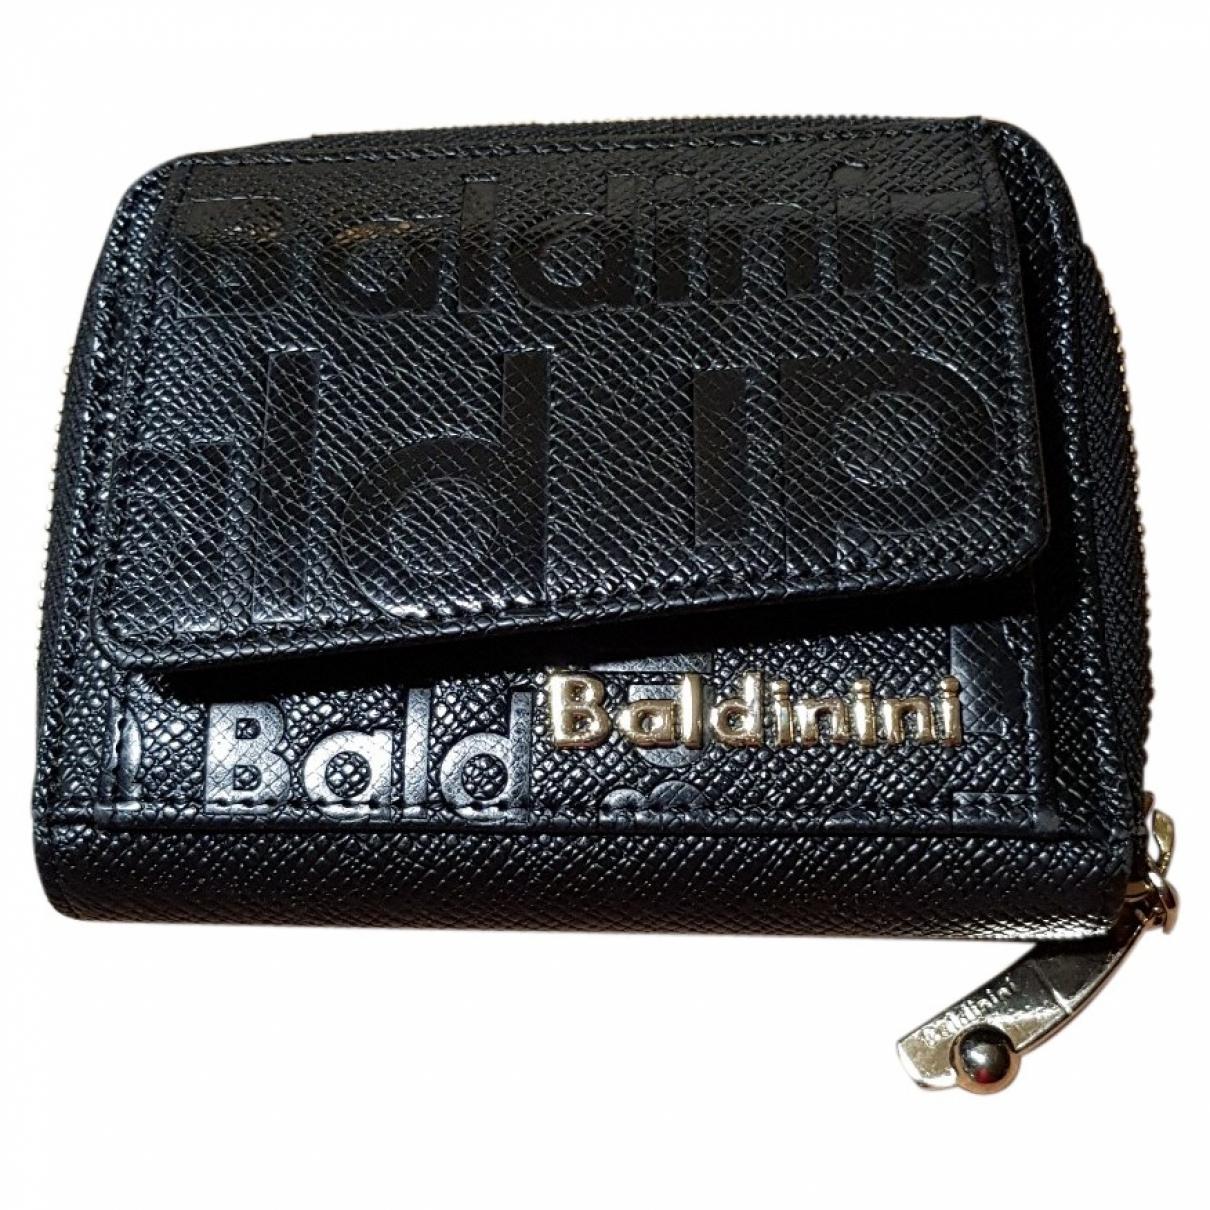 Baldinini - Portefeuille   pour femme en cuir - noir